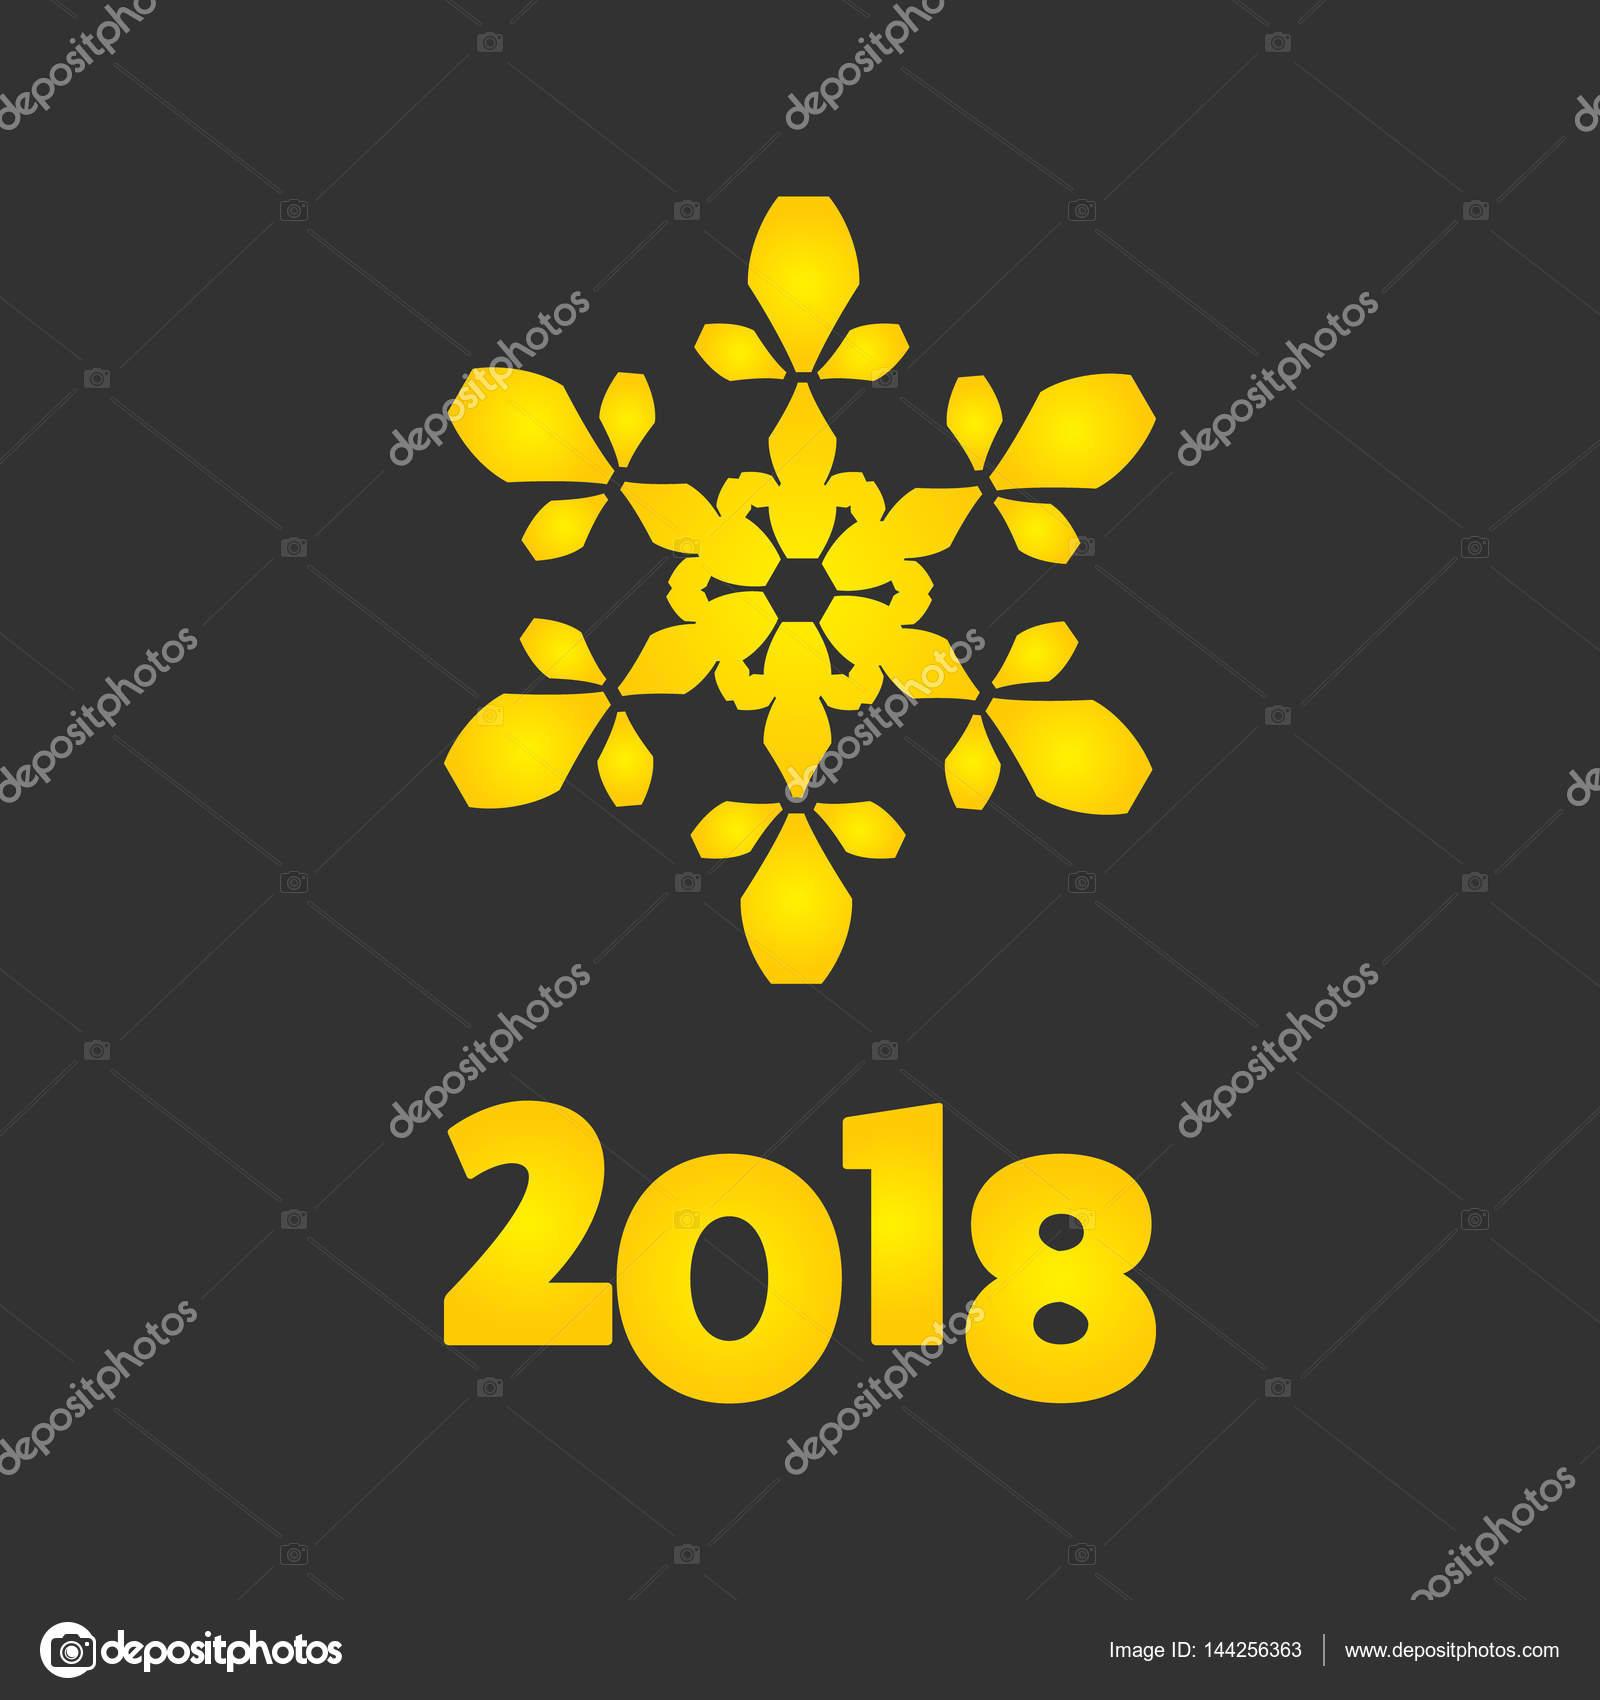 新年快乐 2018 金色旗帜上黑– 图库插图